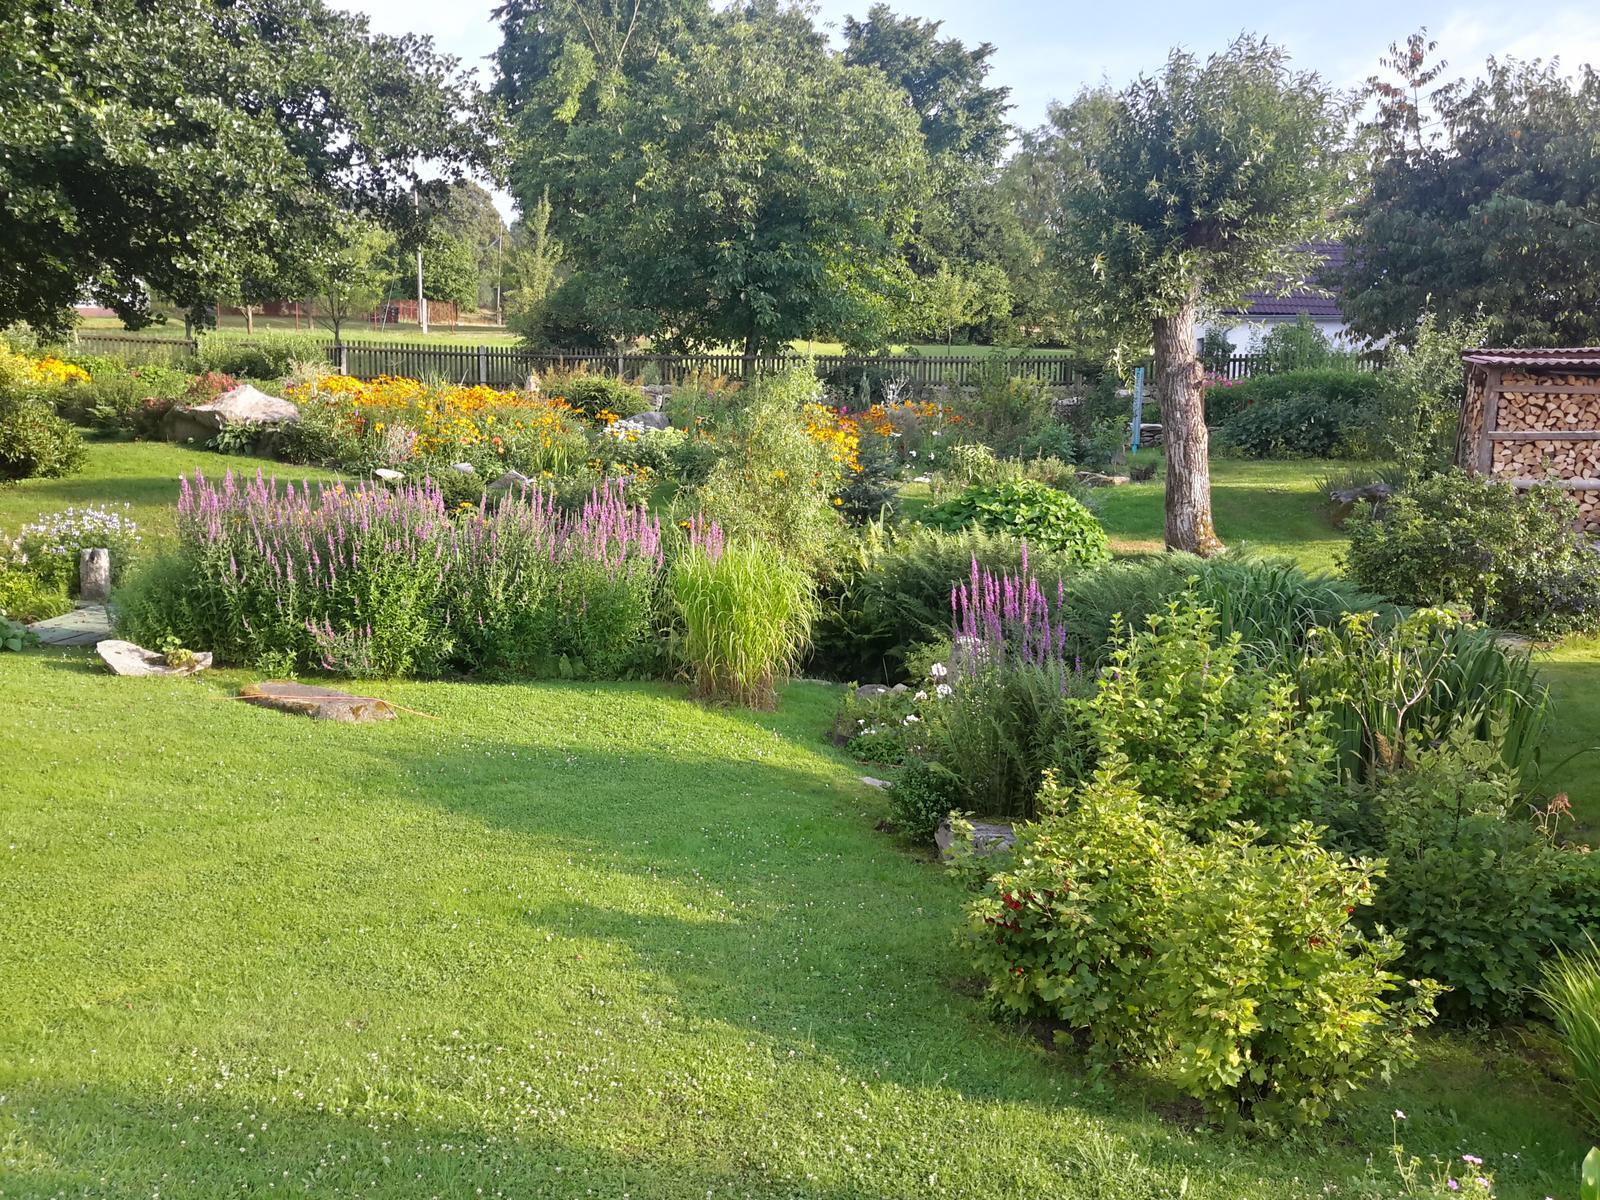 Jihočeská venkovská zahrada. - Kyprej musím zredukovat,těžko se odstraňuje tam,kde se vysemení.